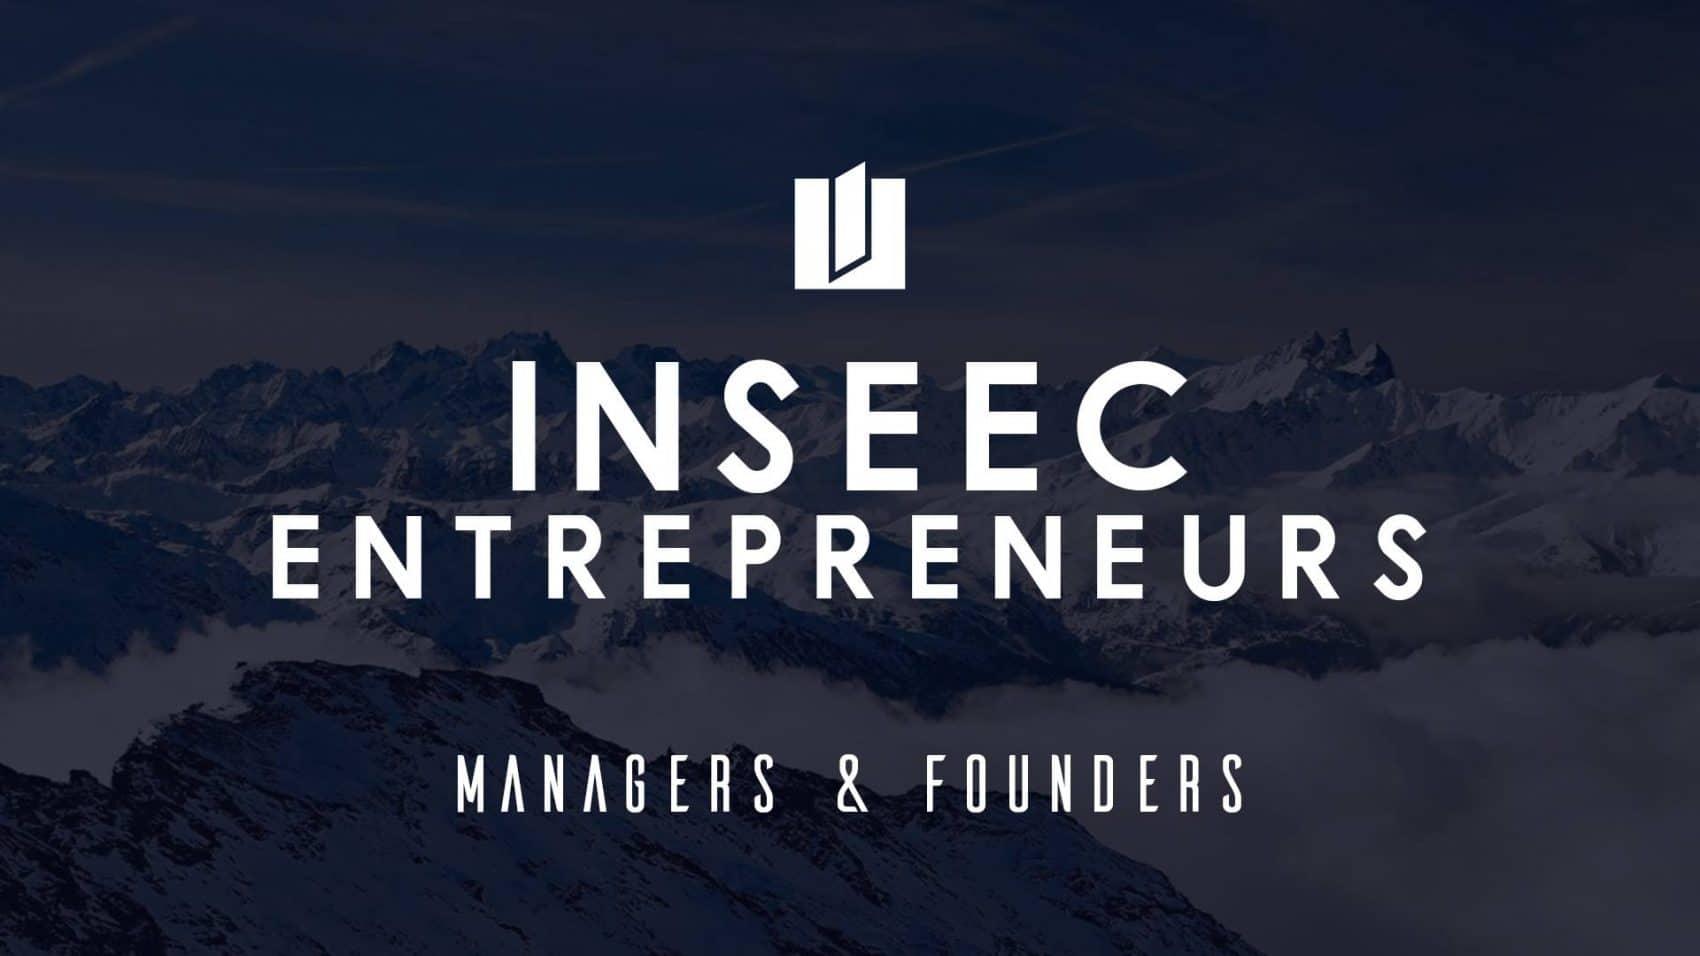 inseec entrepreneurs groupe facebook administré par agence thrive